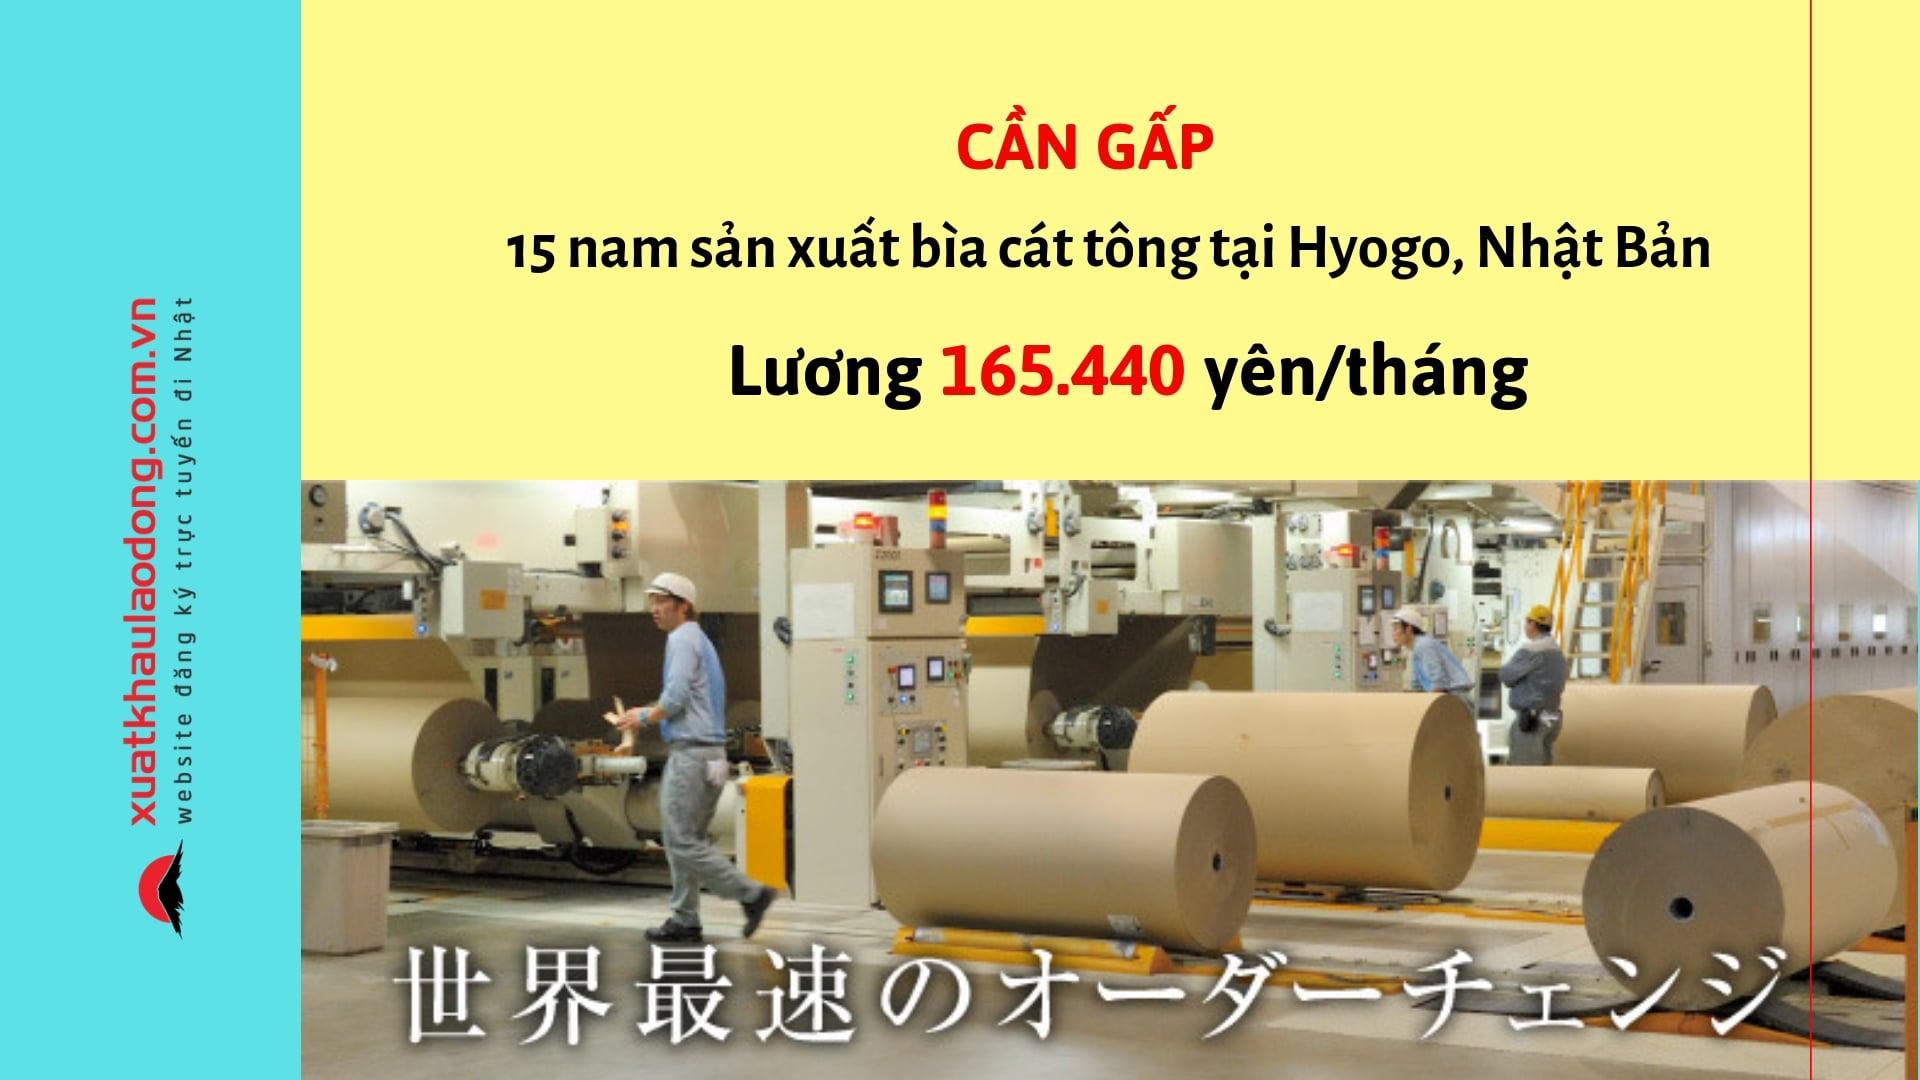 THI NGAY đơn hàng 15 nam sản xuất bìa cát tông lương 165,440 yên/tháng tại Hyogo